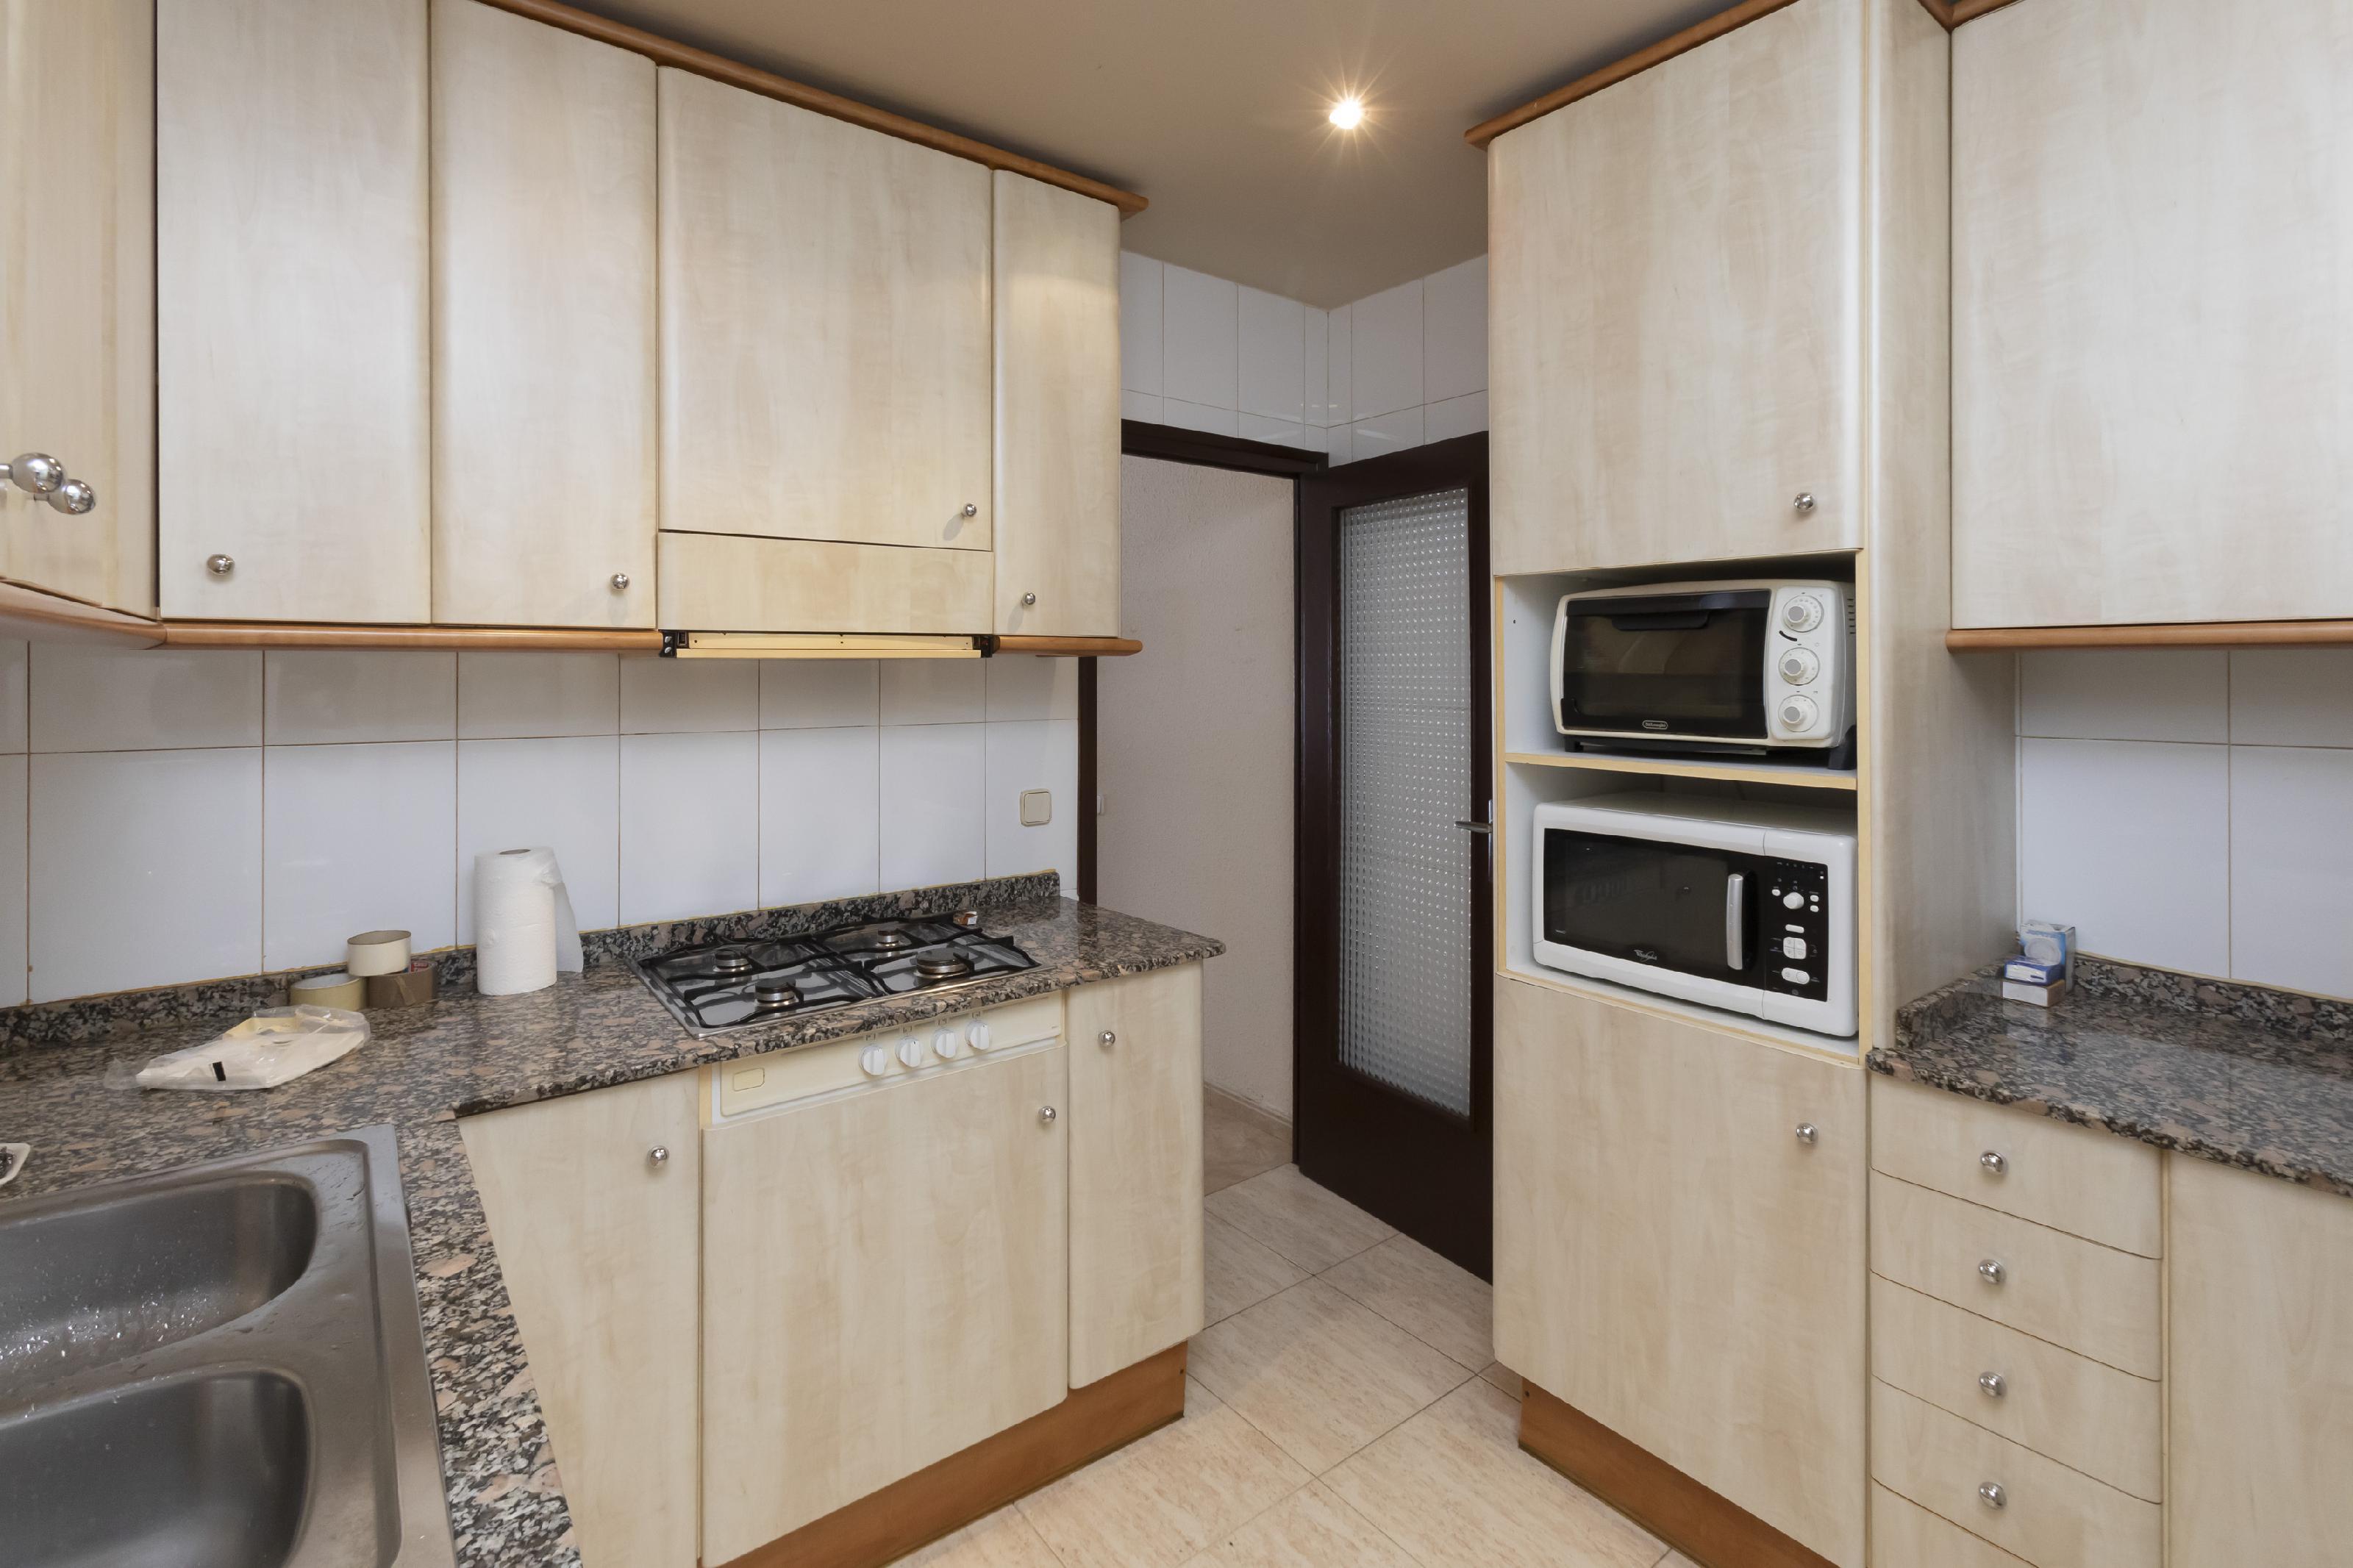 Imagen 4 Casa en venta en Barcelona / Al lado de Rambla Prim.